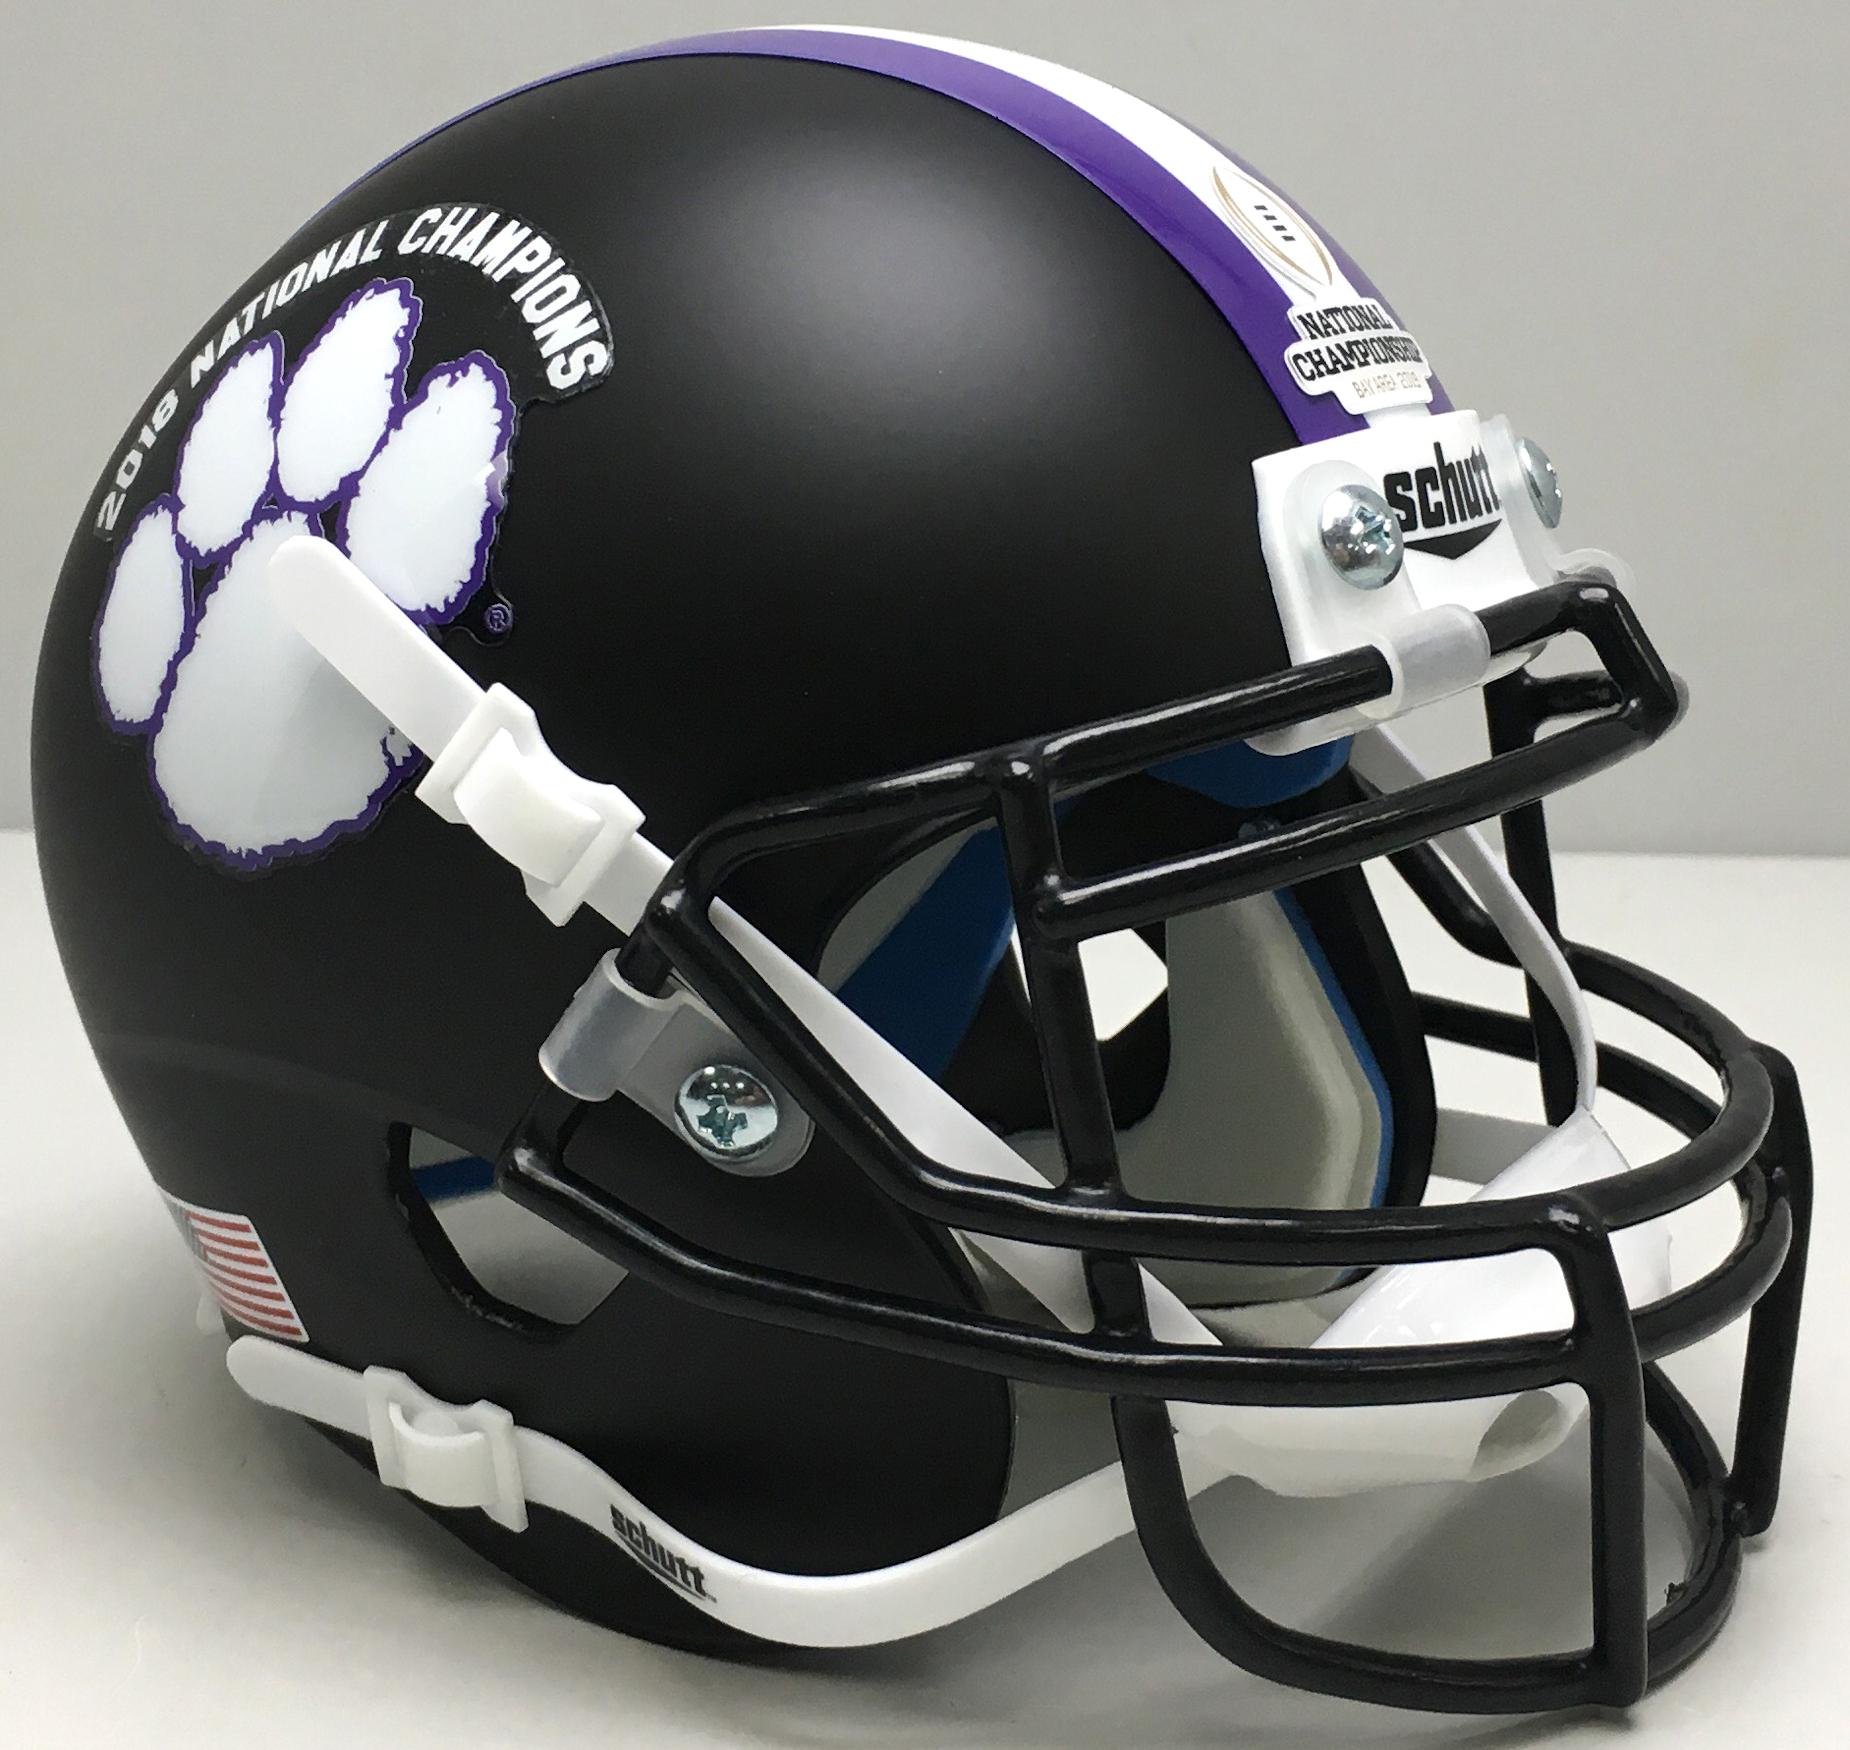 Clemson Tigers Full XP Replica Football Helmet Schutt <B>2018 National Champs Matte Black</B>